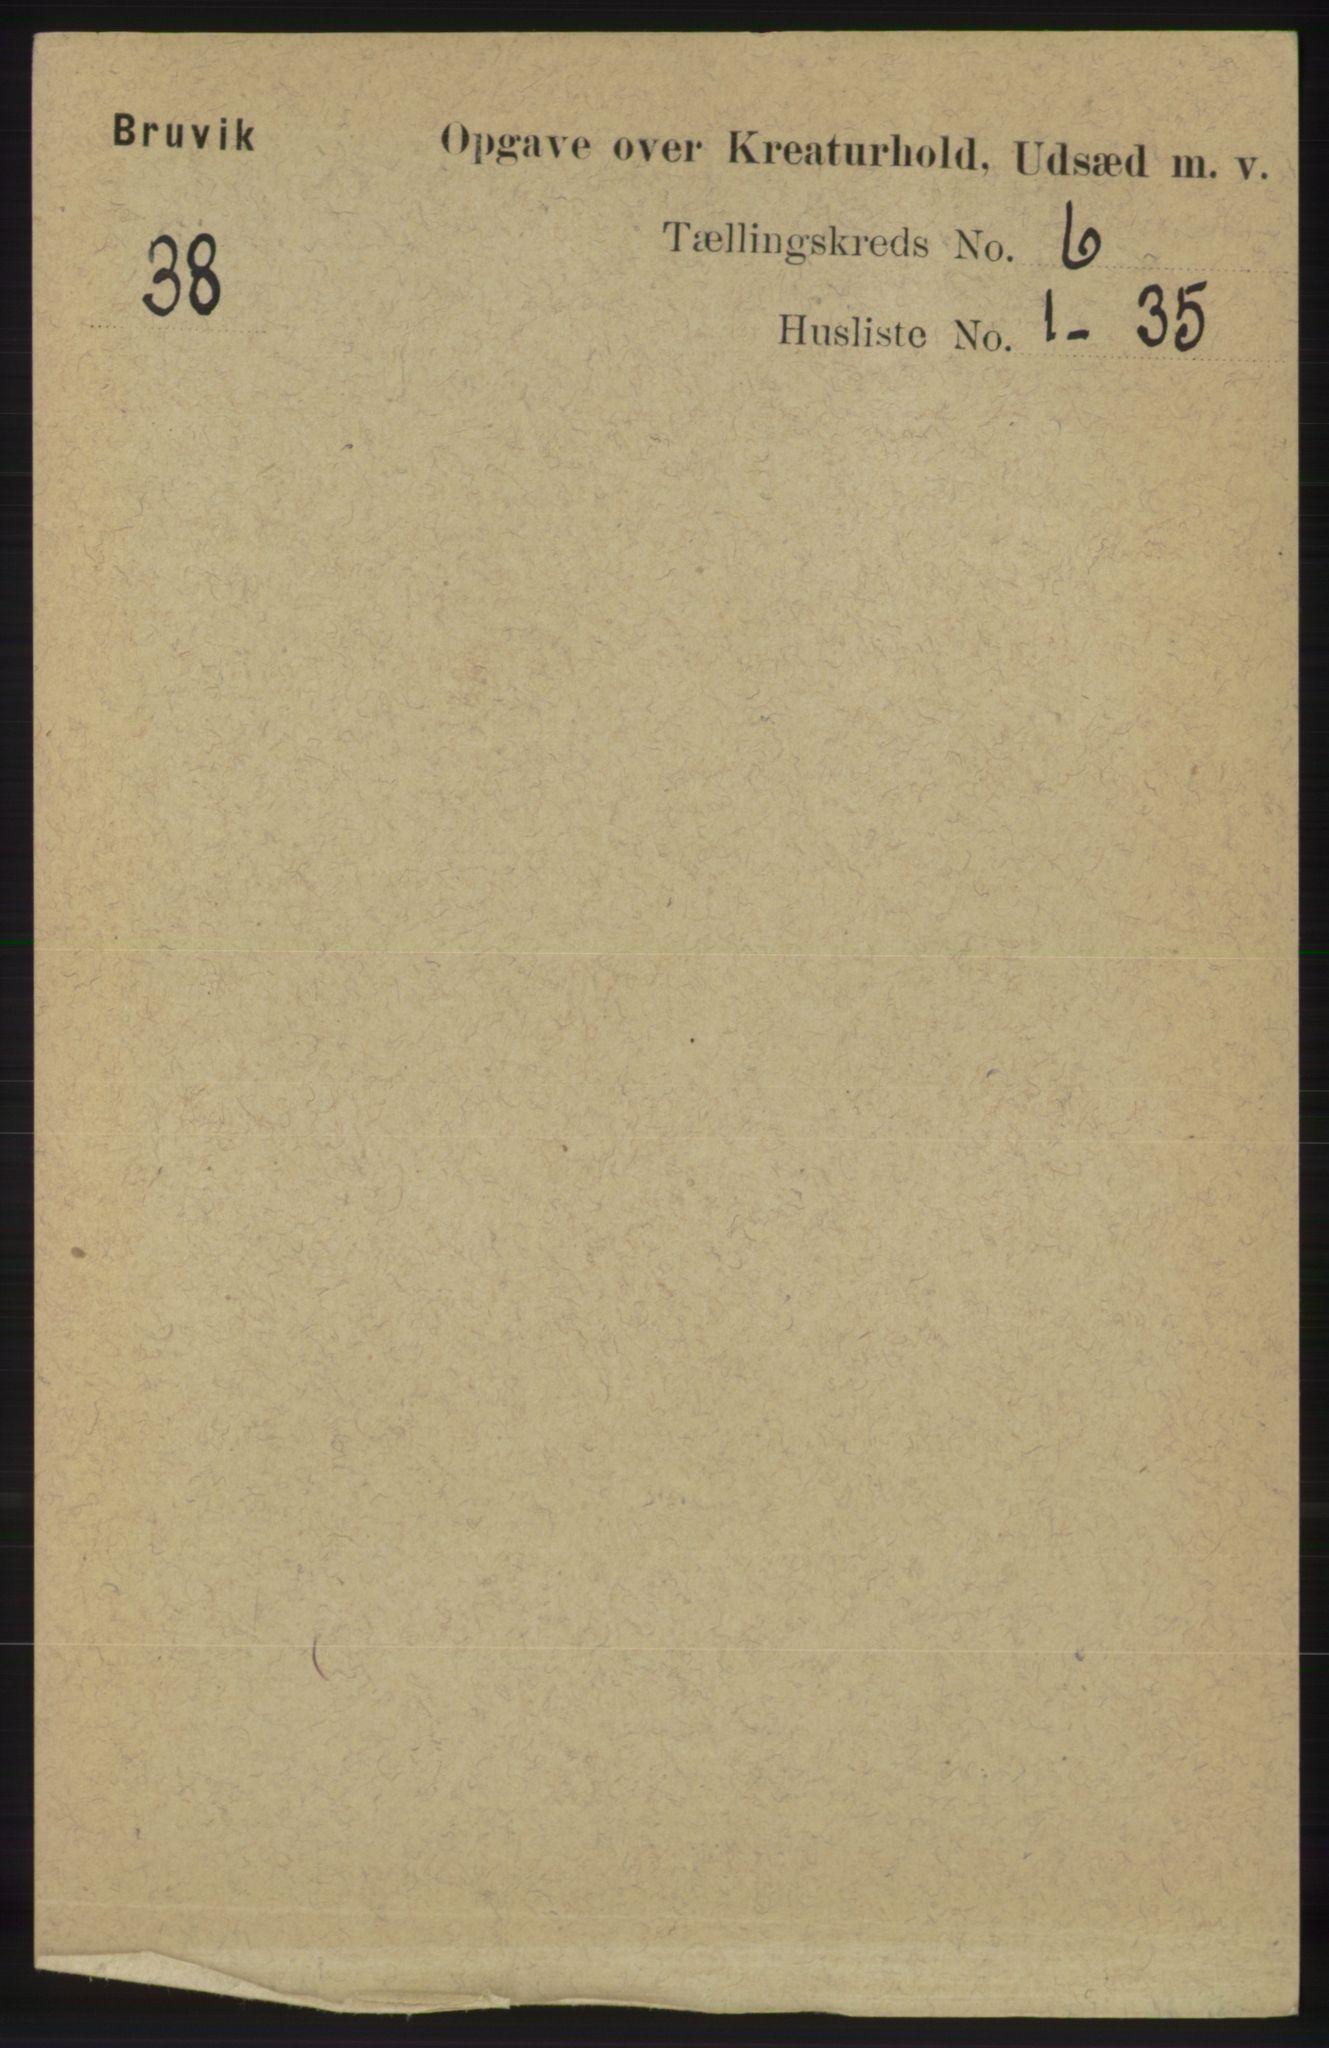 RA, Folketelling 1891 for 1251 Bruvik herred, 1891, s. 4557